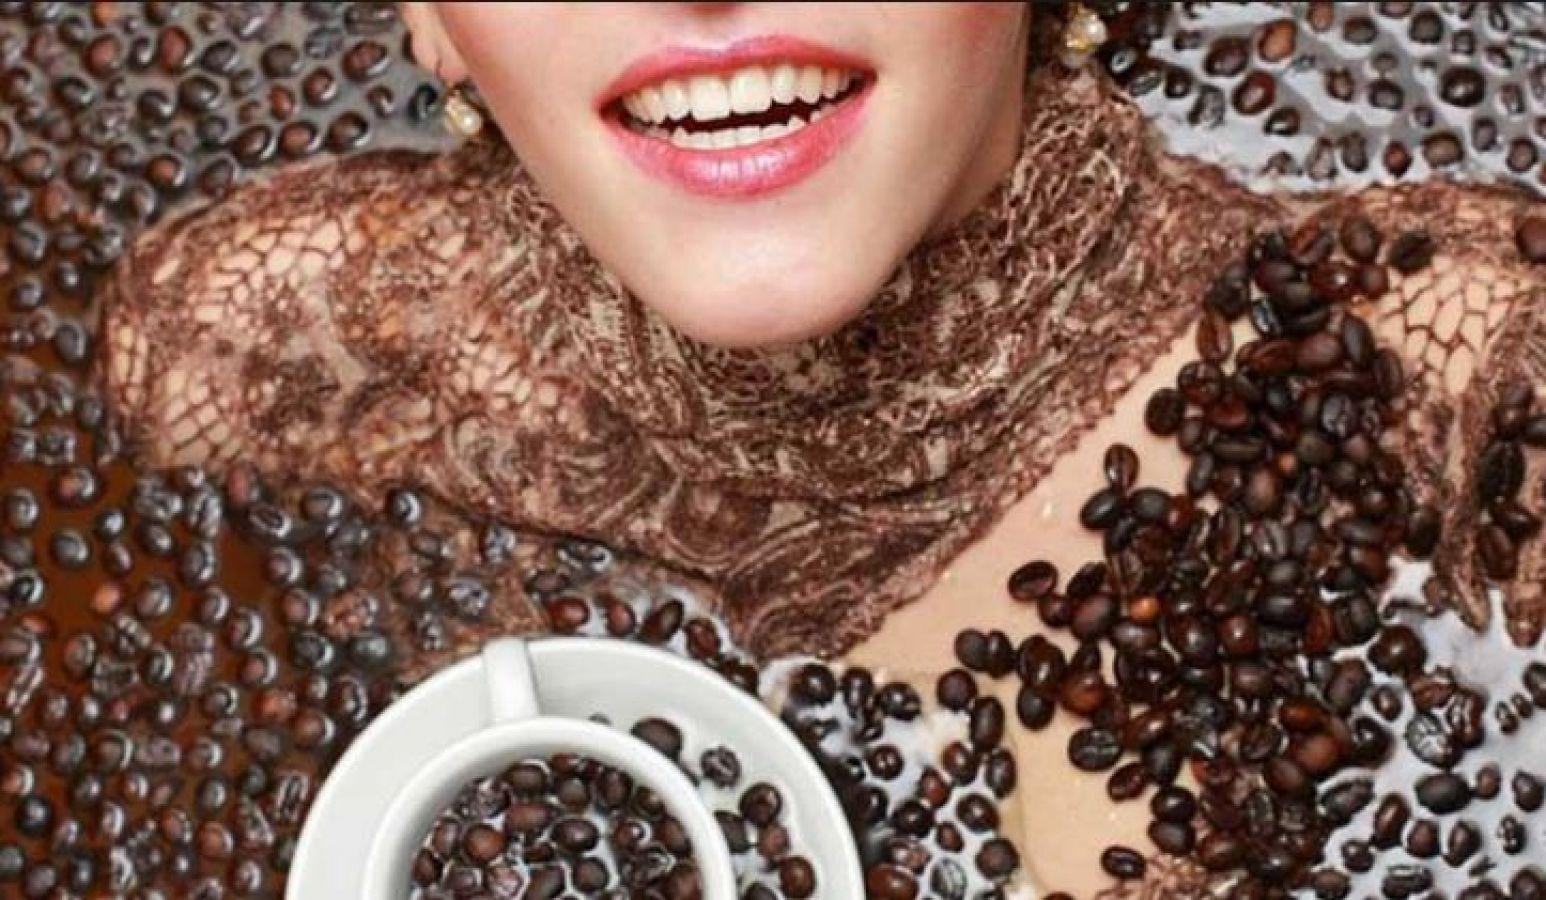 कॉफ़ी से दूर कर सकते हैं आप अपने चेहरे की परेशानियां